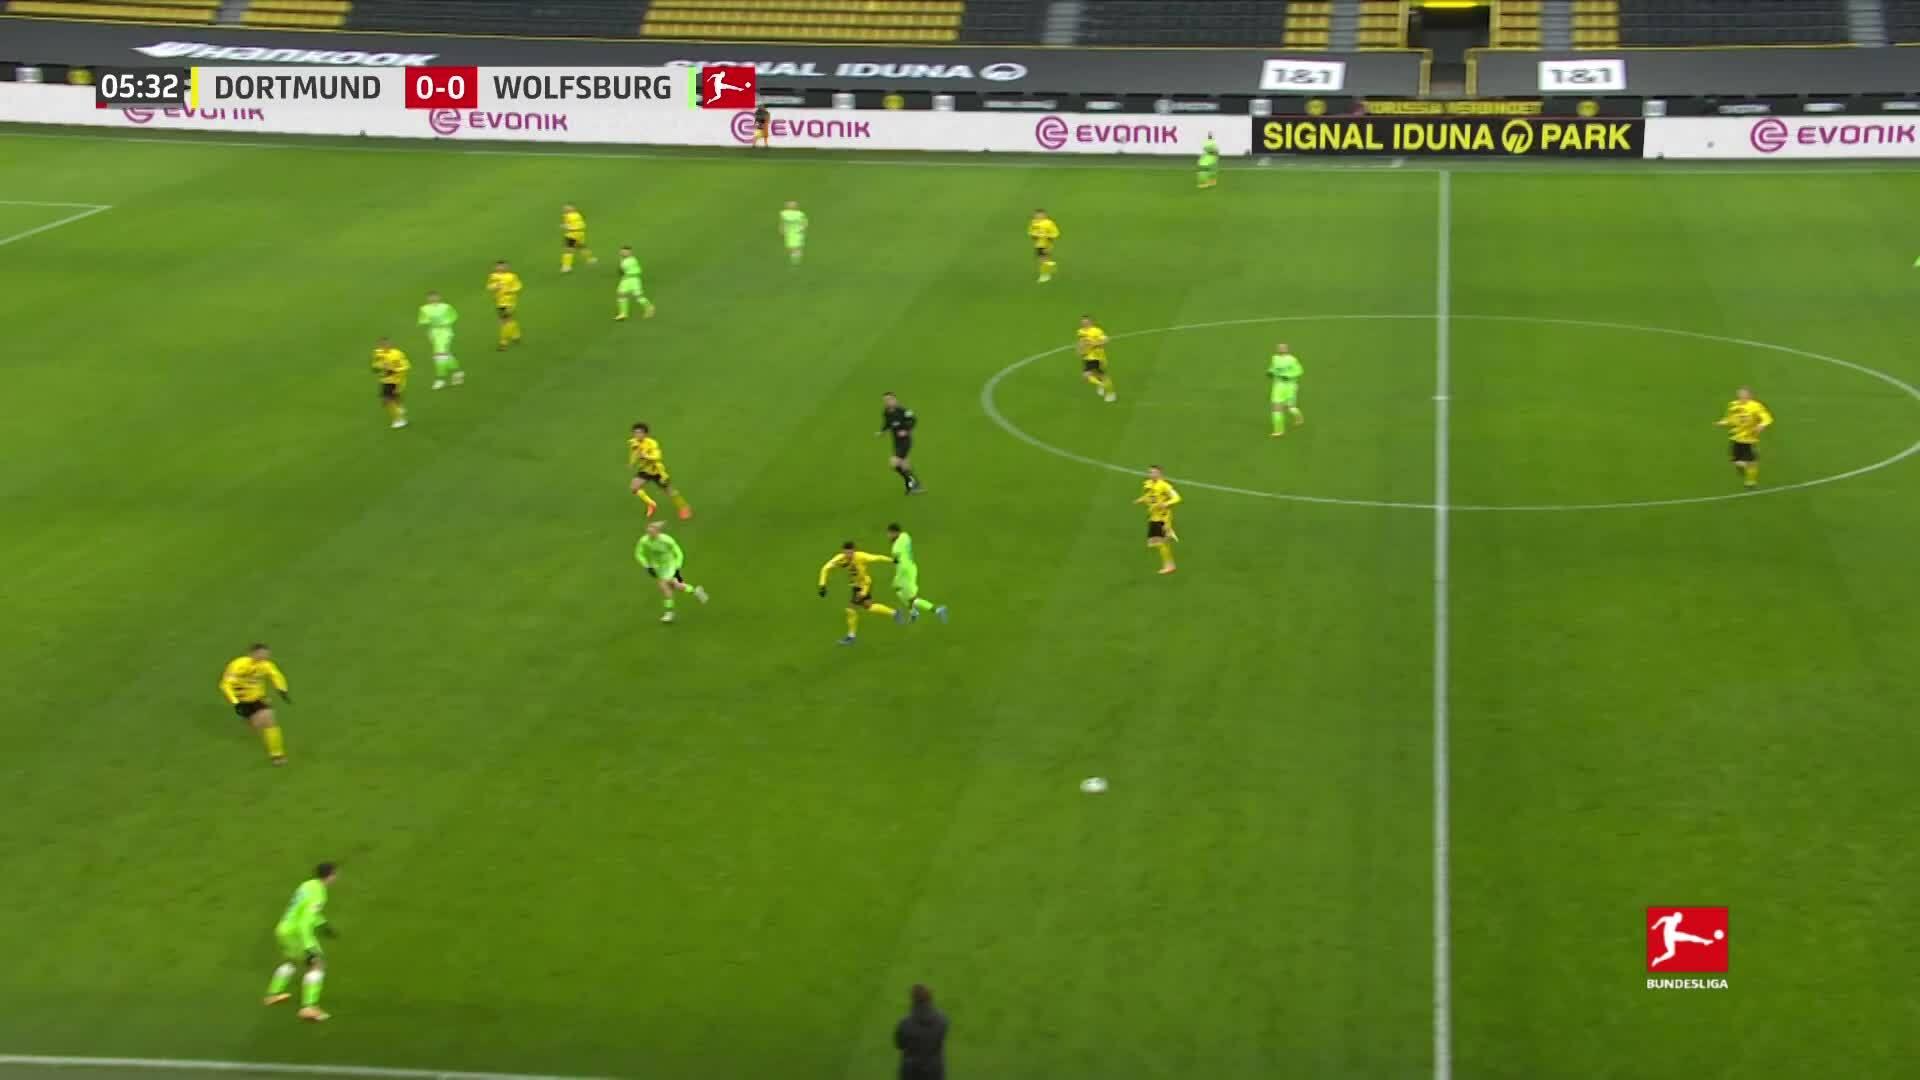 Dortmund 2-0 Wolfsburg